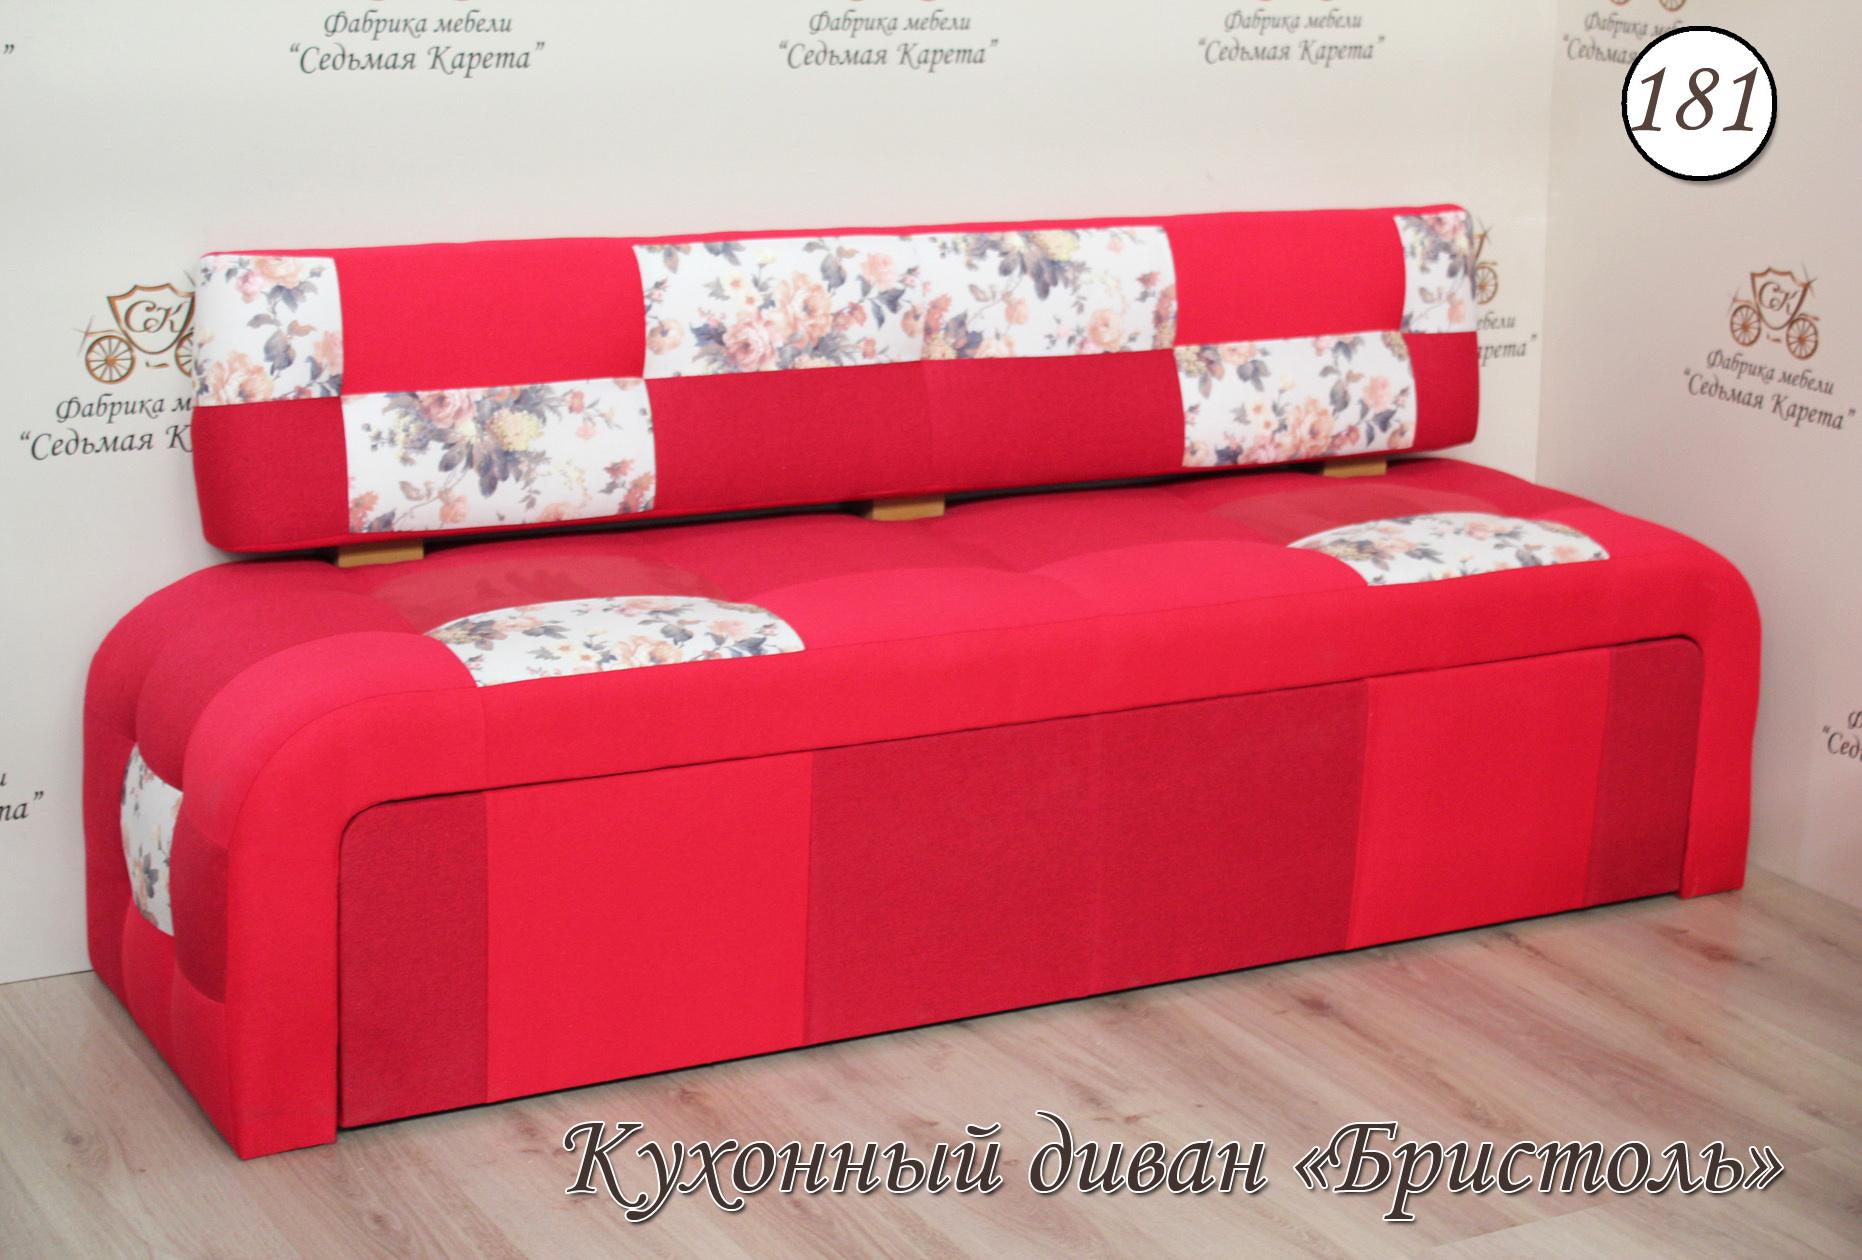 Кухонный диван Бристоль-181